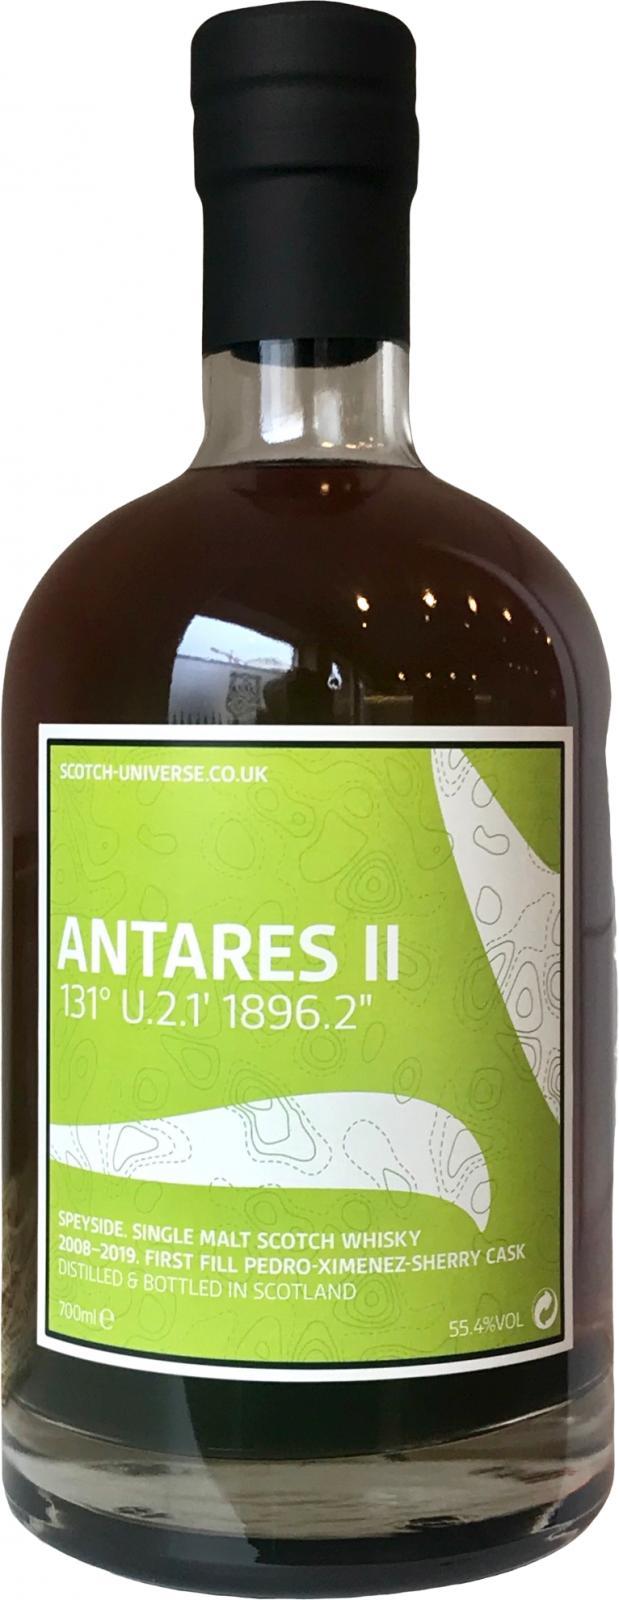 """Scotch Universe Antares II - 131° U.2.1' 1896.2"""""""